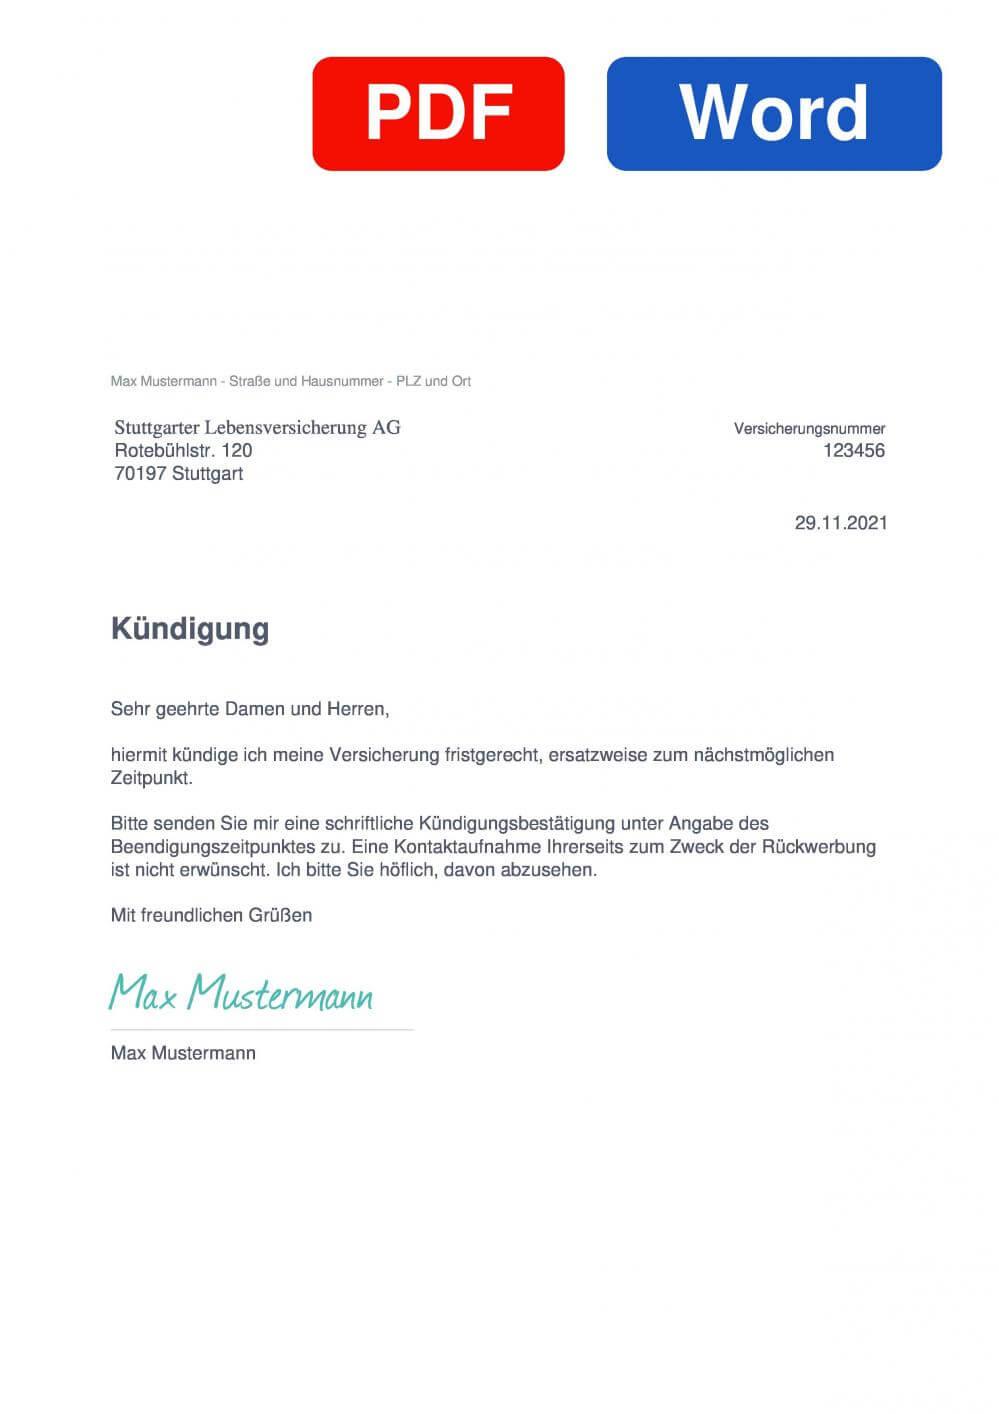 Stuttgarter Lebensversicherung Muster Vorlage für Kündigungsschreiben